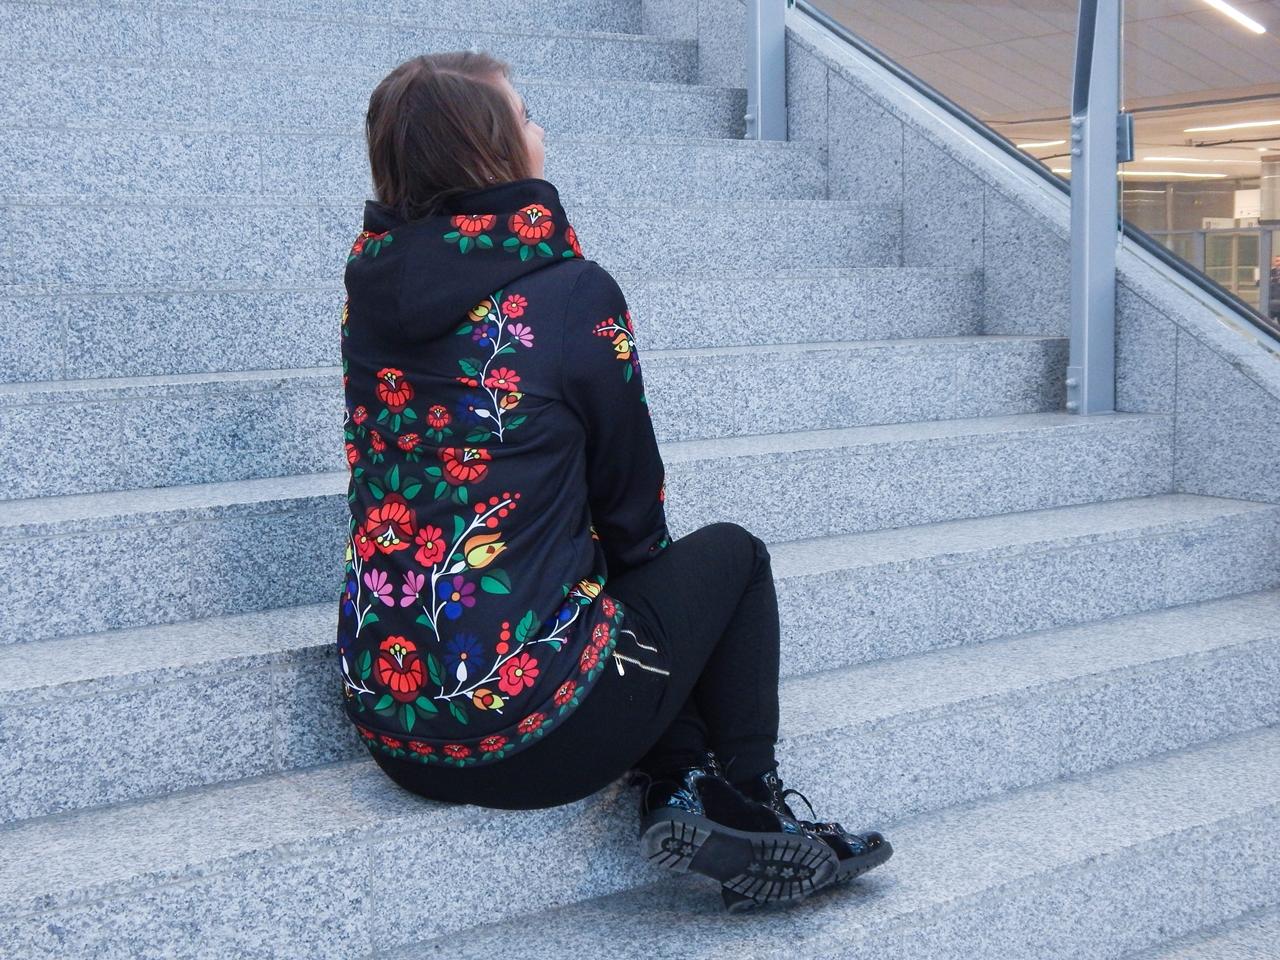 f9-2 folk by koko recenzja opinie ubrania folkowe łowickie motywy bluza góralska sukienka kodra łowicka folkowe ubrania moda ludowa pomysł na prezent fashion blog melodylaniella łódź dworzec łódź fabryczna